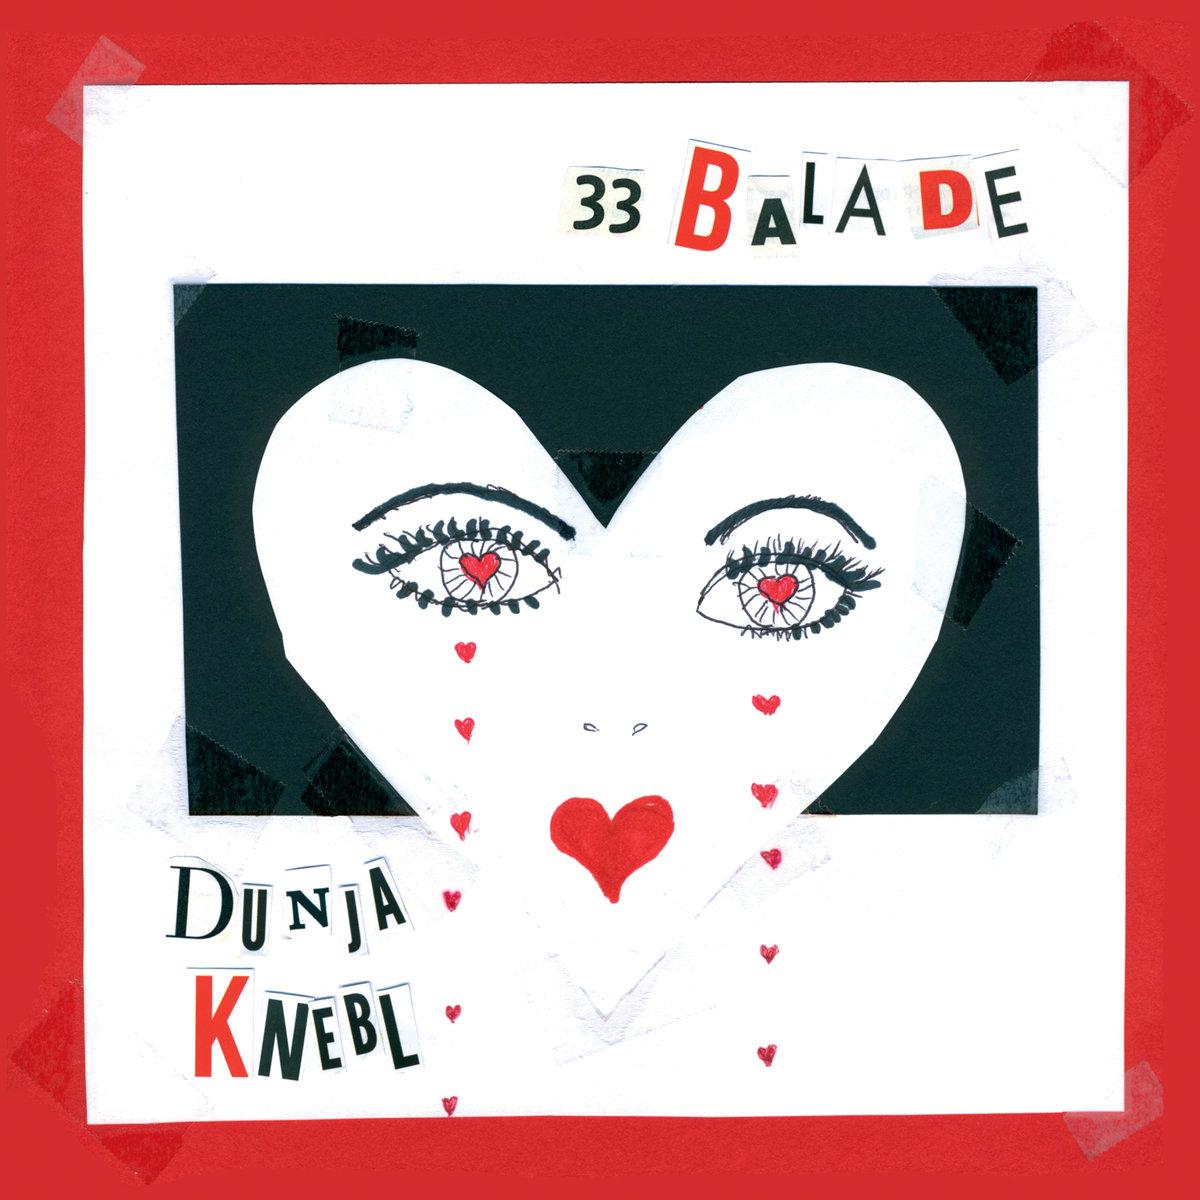 DUNJA KNEBL - 33 balade